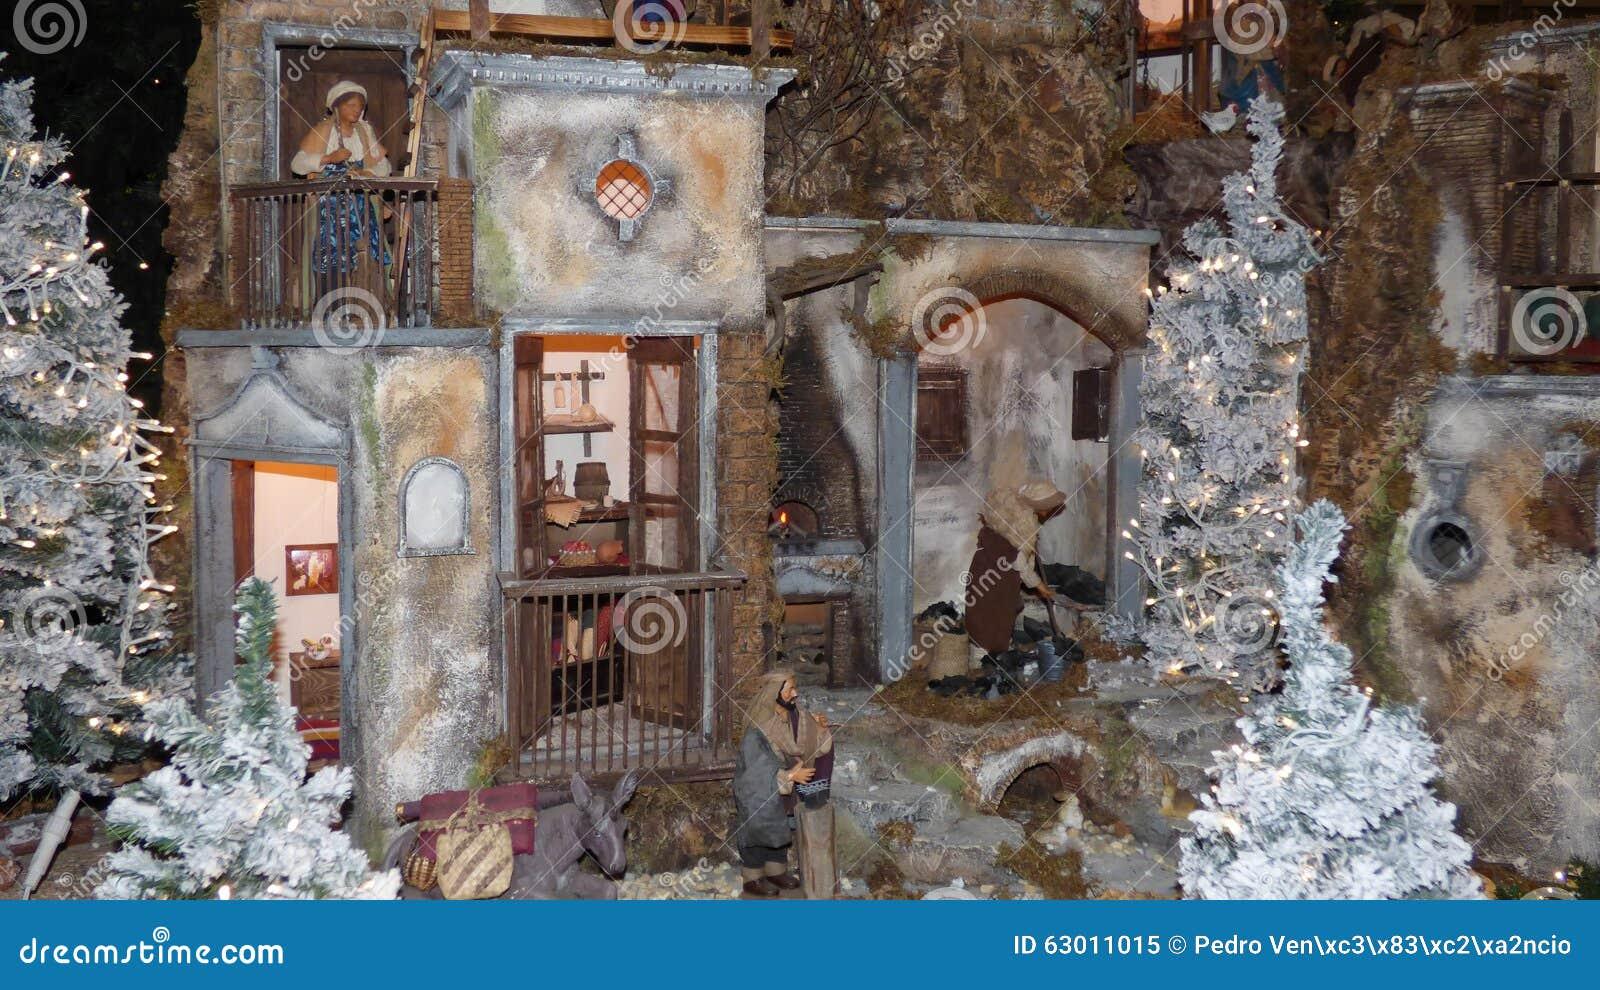 The Chistmas Crib